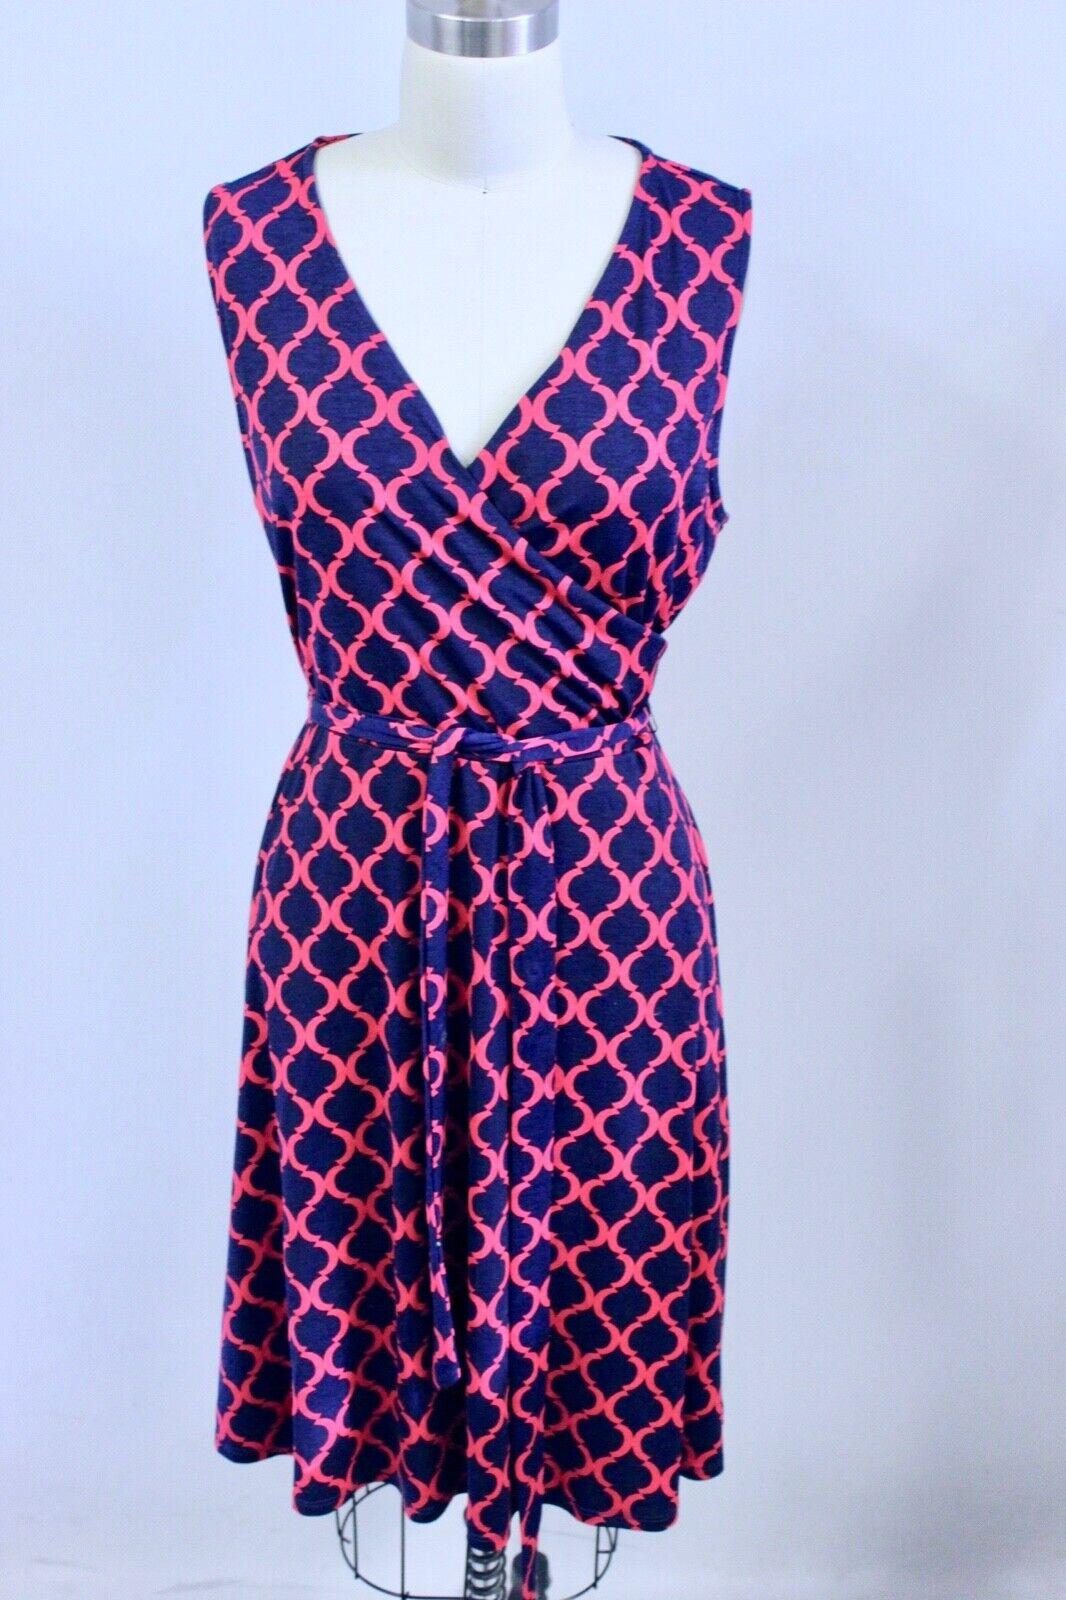 41 Hawthorn Stitch Fix Red bluee Quatrefoil Geometric Print Dress XL Tie Belt